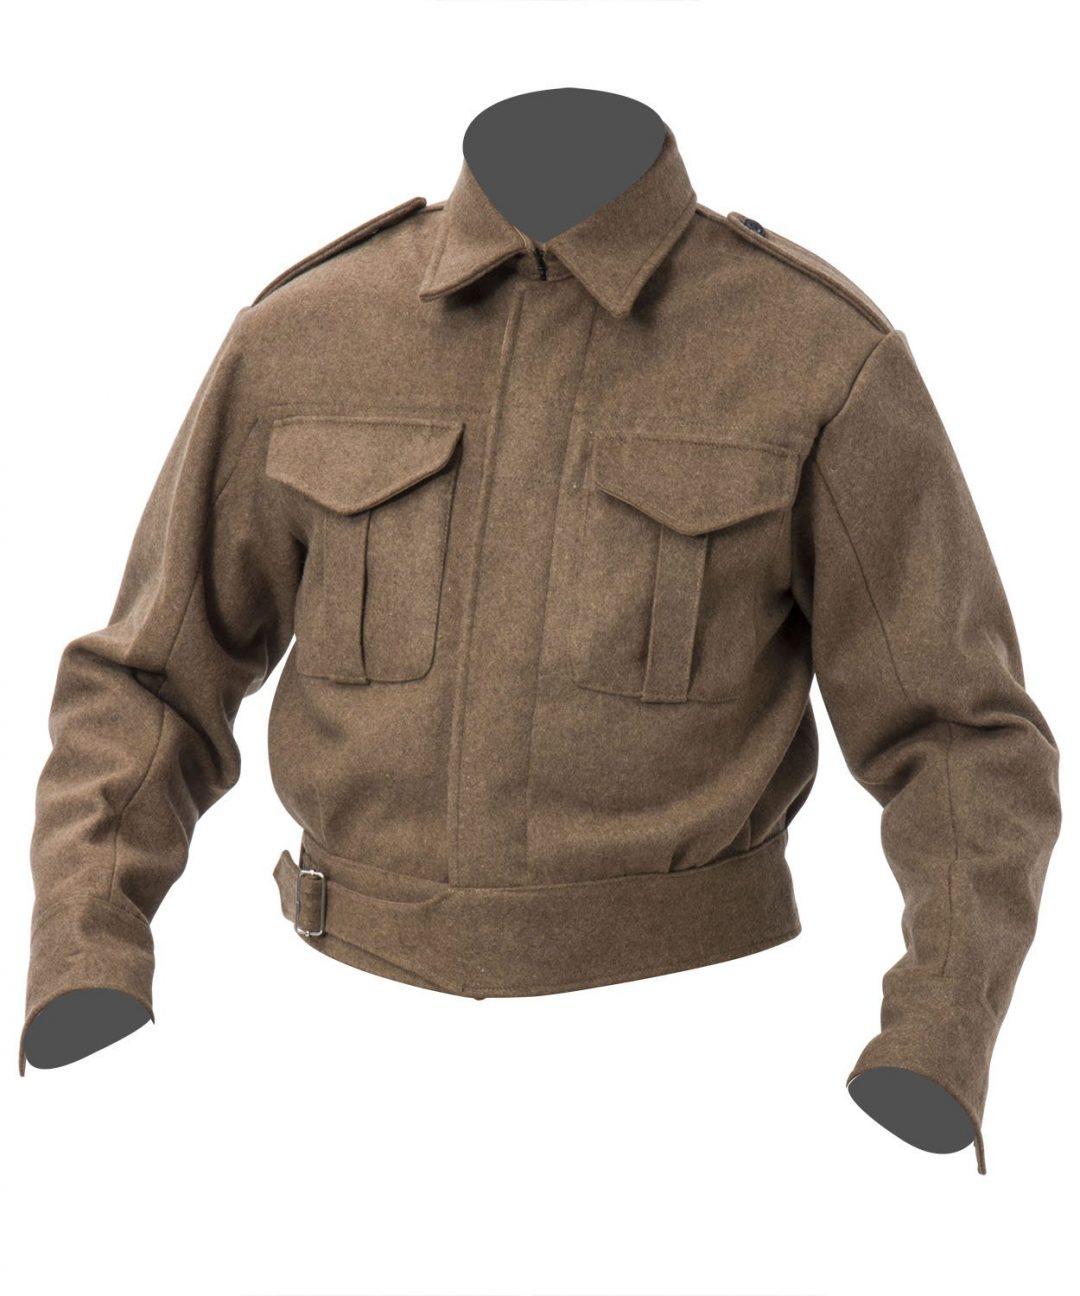 WW2 British Army Pattern 37 Battle Dress blouse